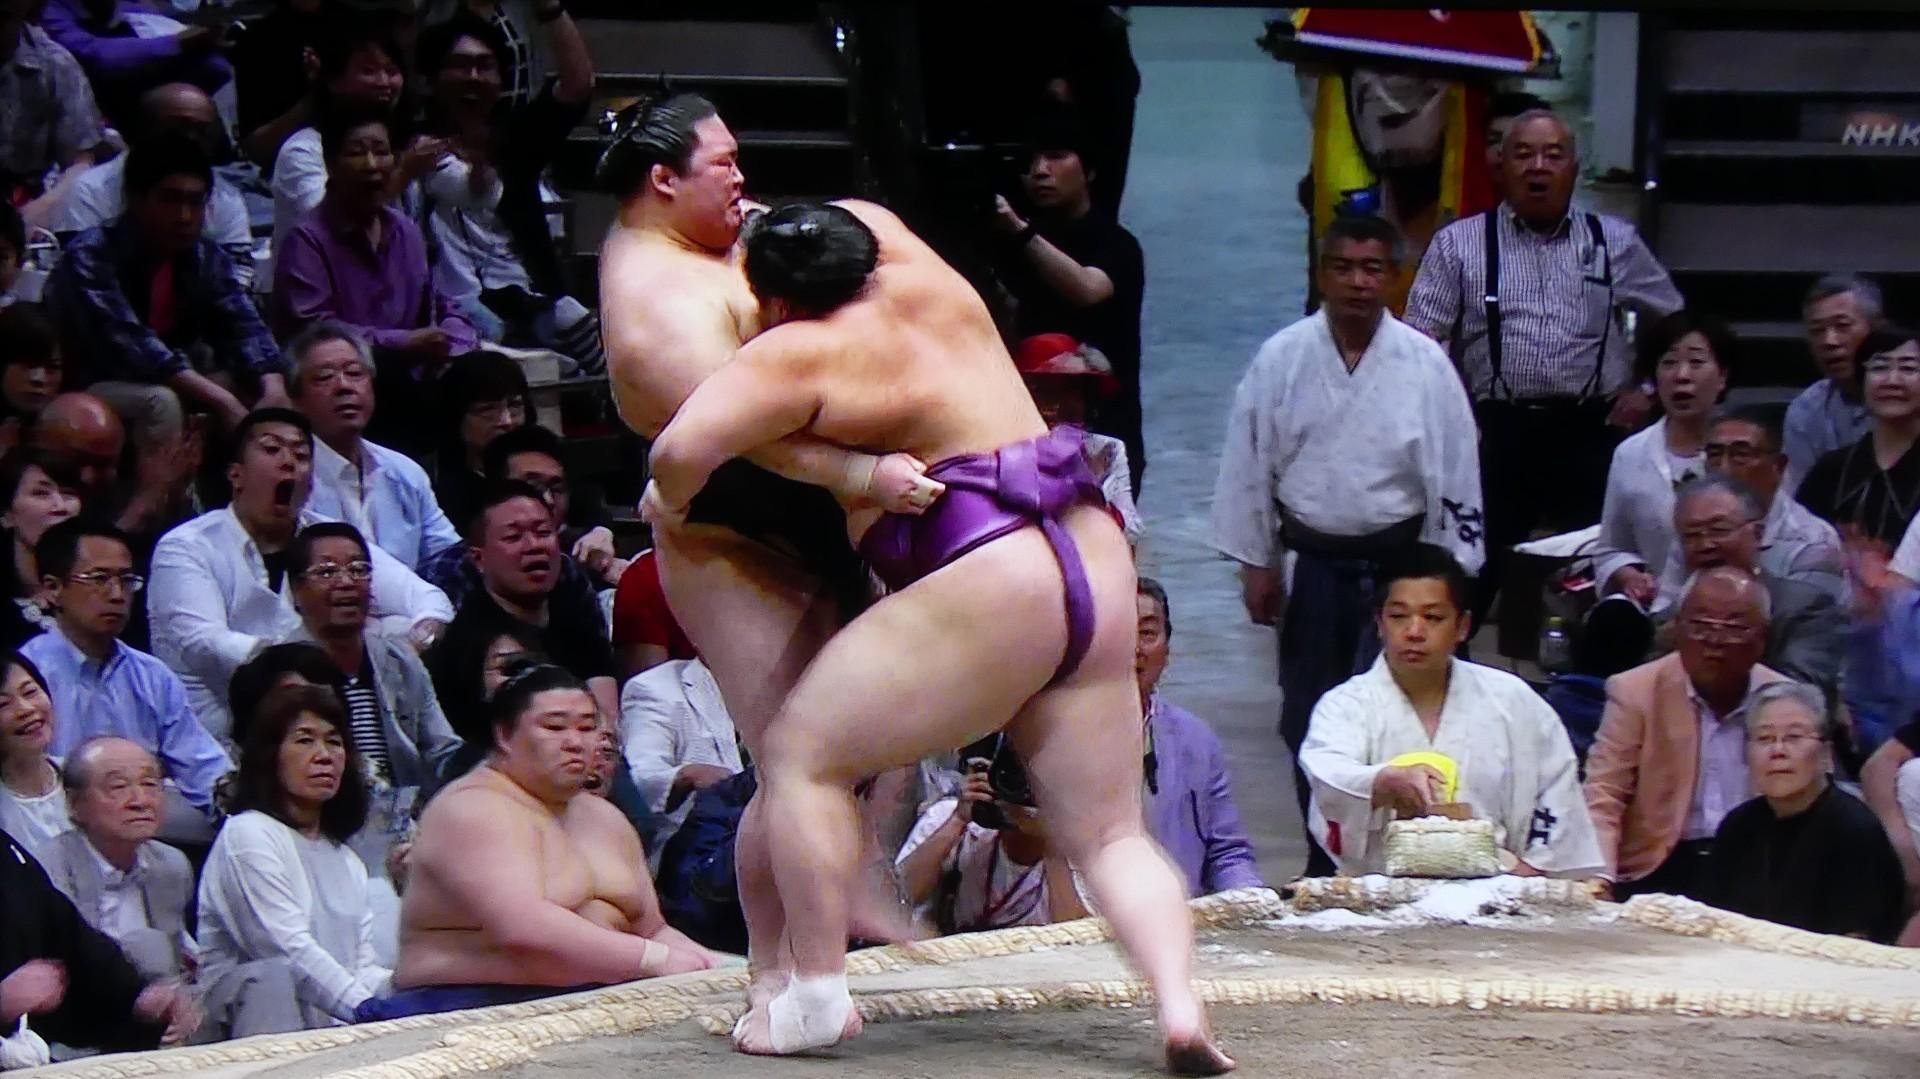 令和最初の大相撲は 朝乃山 が優勝!_a0185081_19521697.jpg